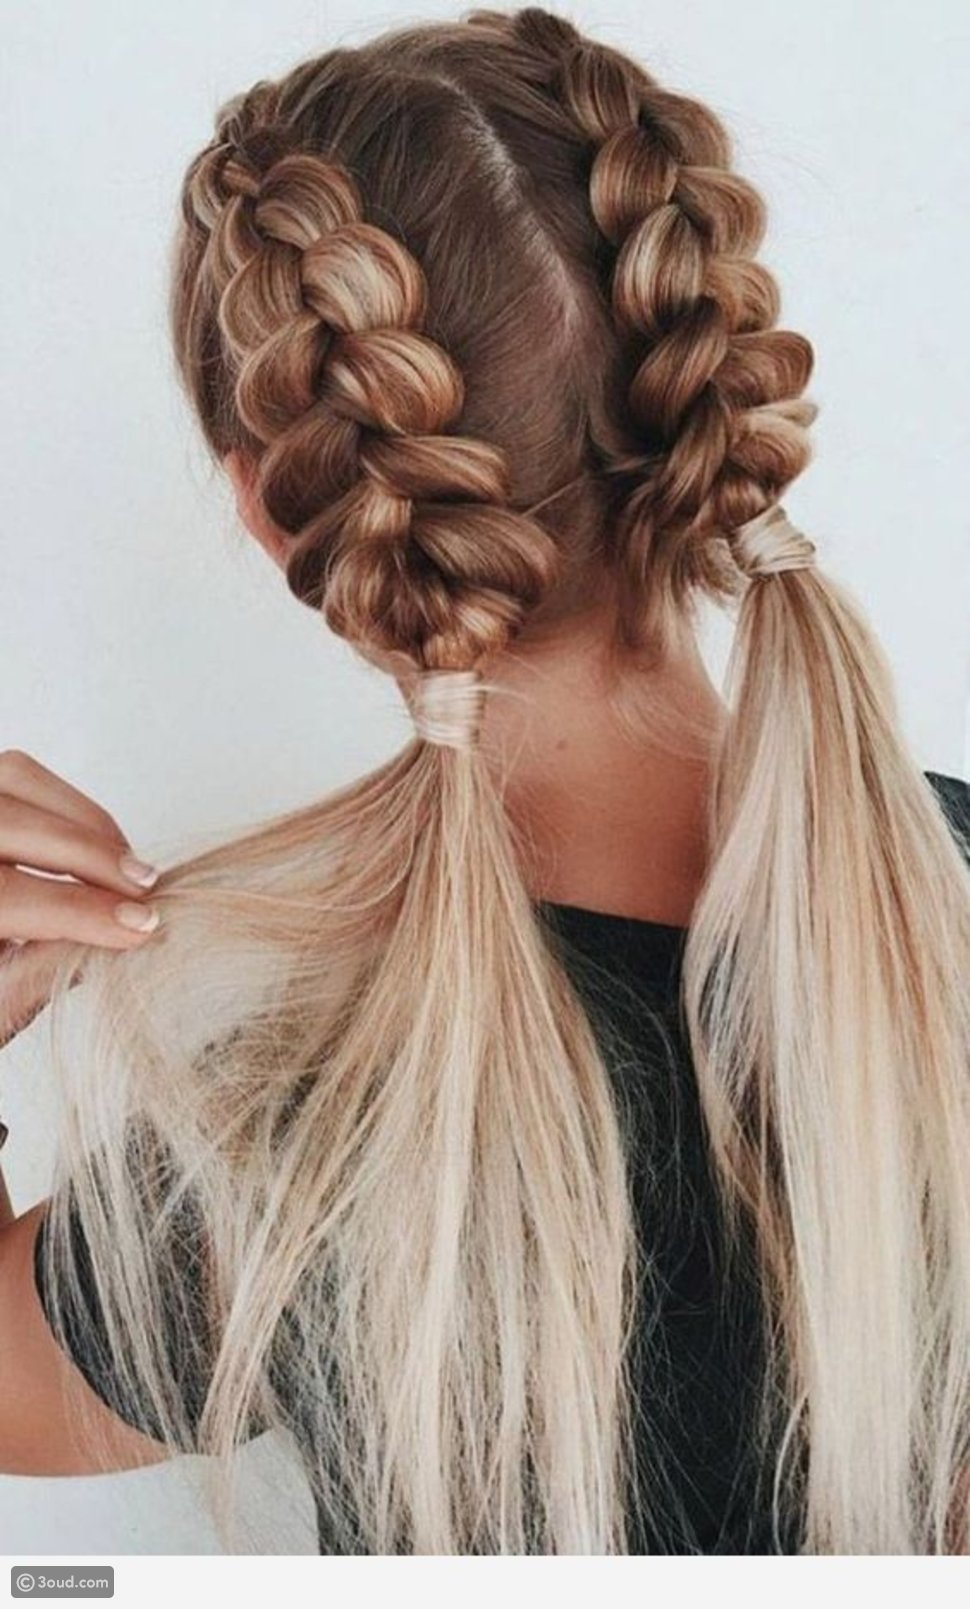 استلهمي تسريحة شعرك في أول يوم دراسة من النجمات والعارضات